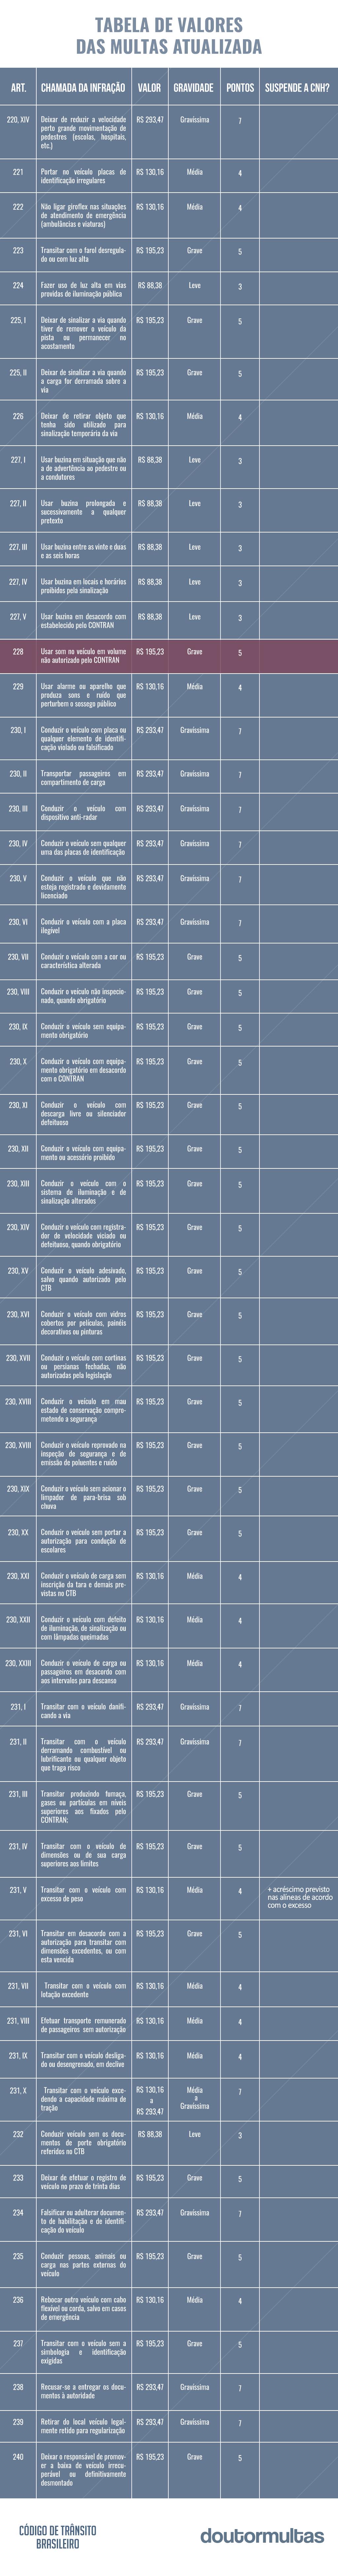 tabela de multas atualizada 3